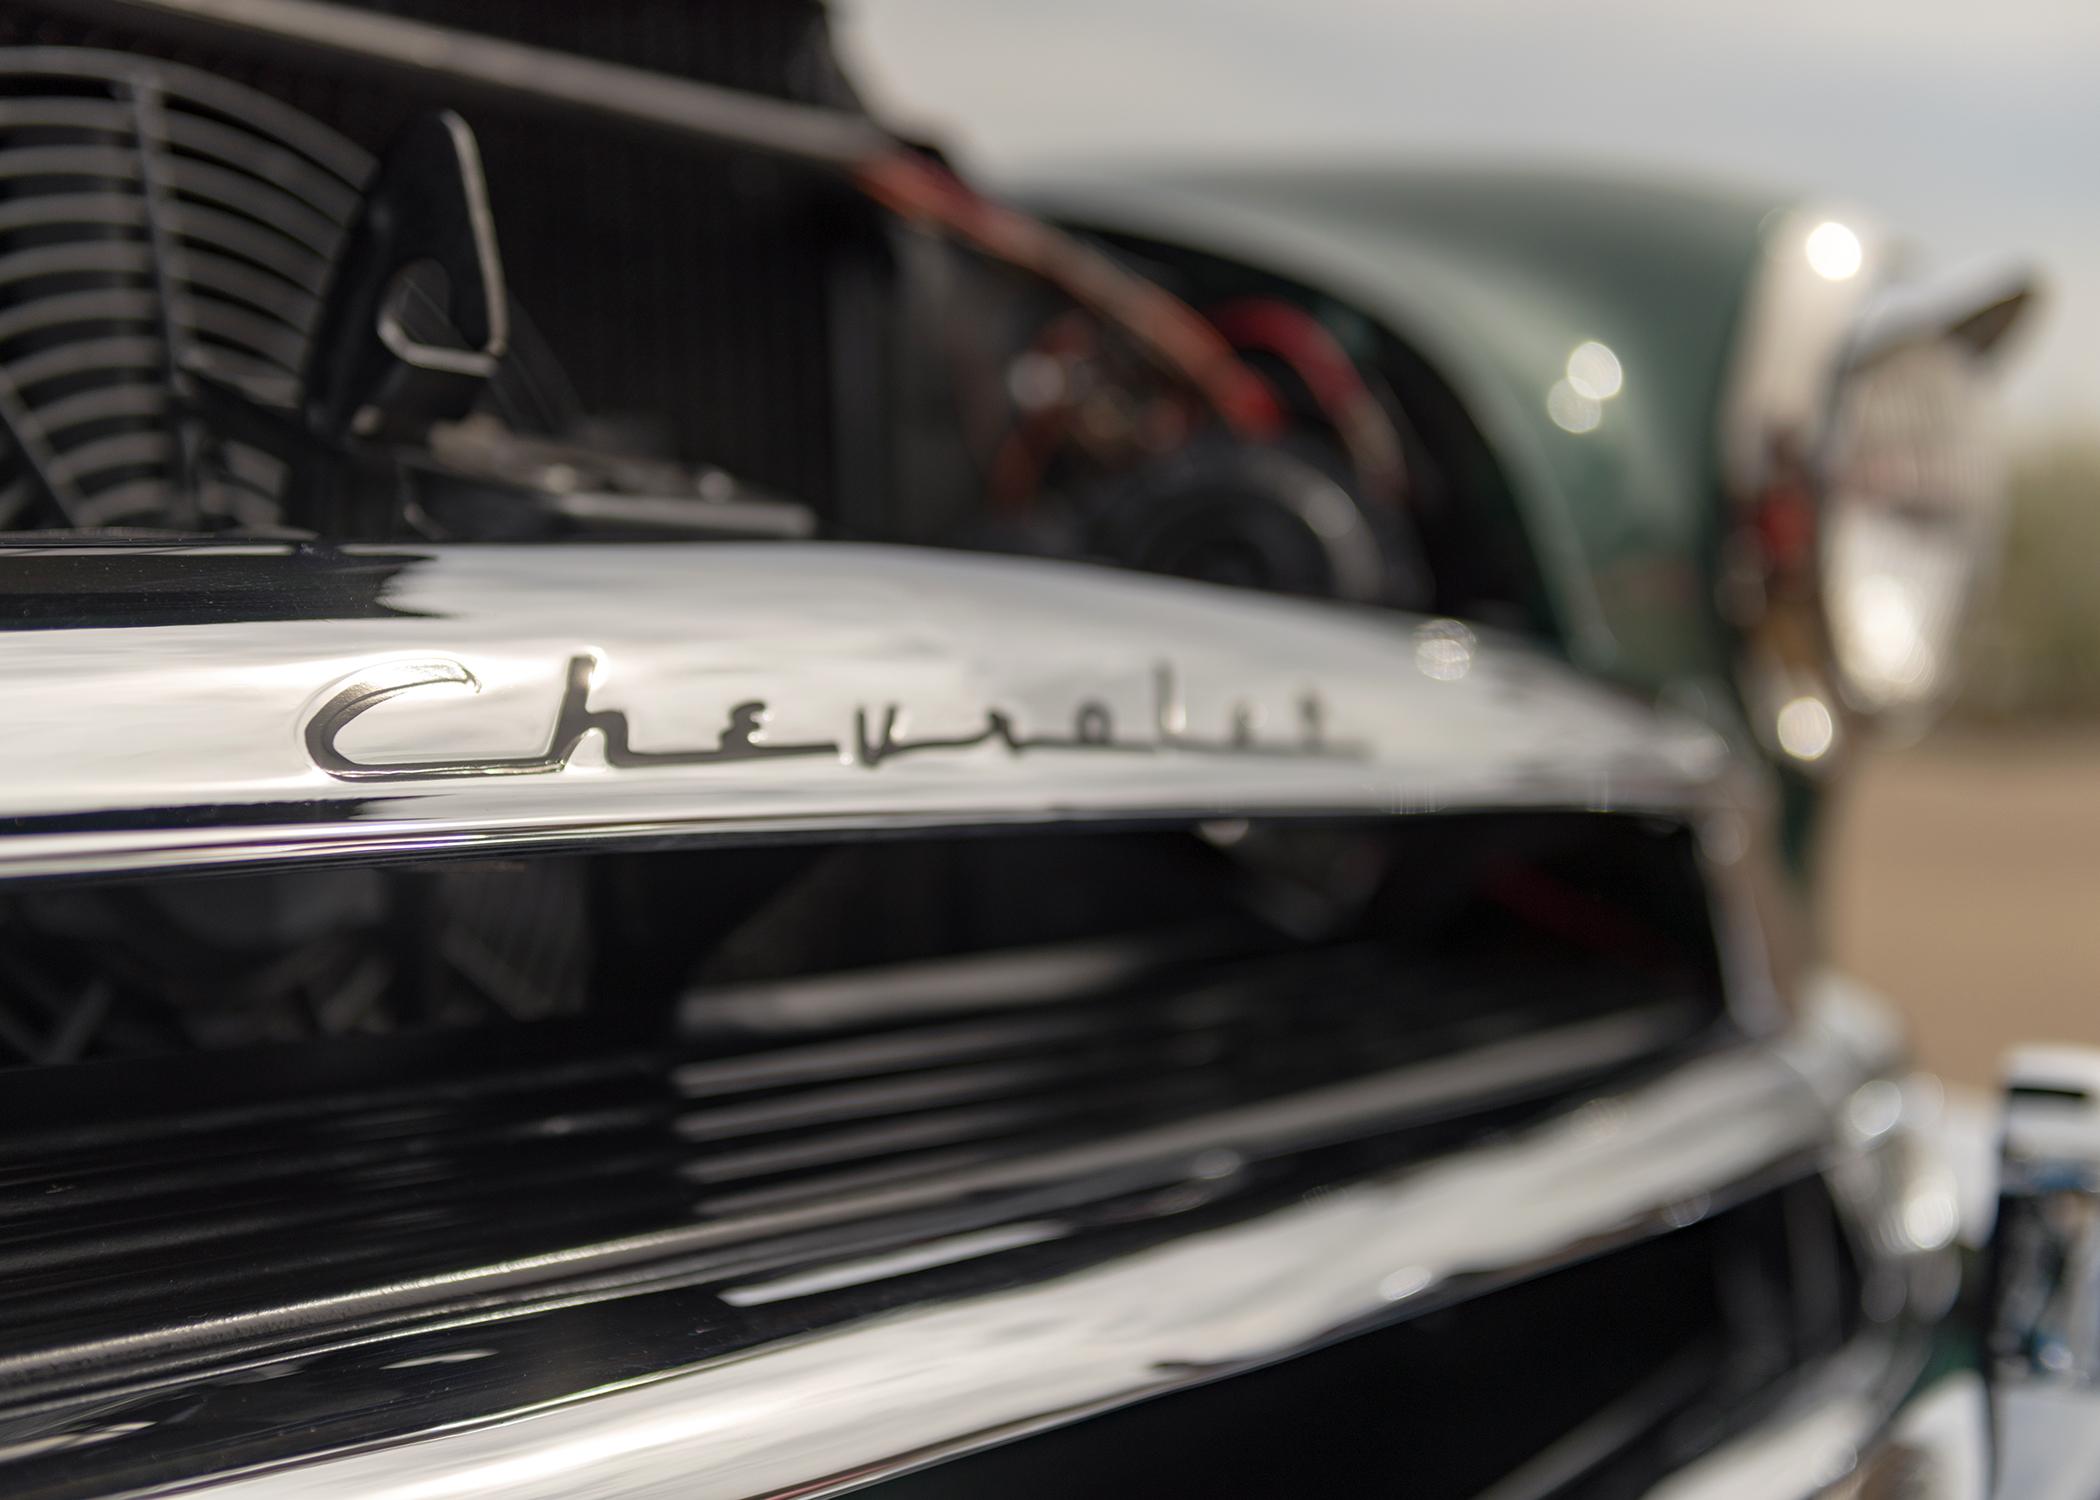 Mac's Chevrolet DeLuxe.